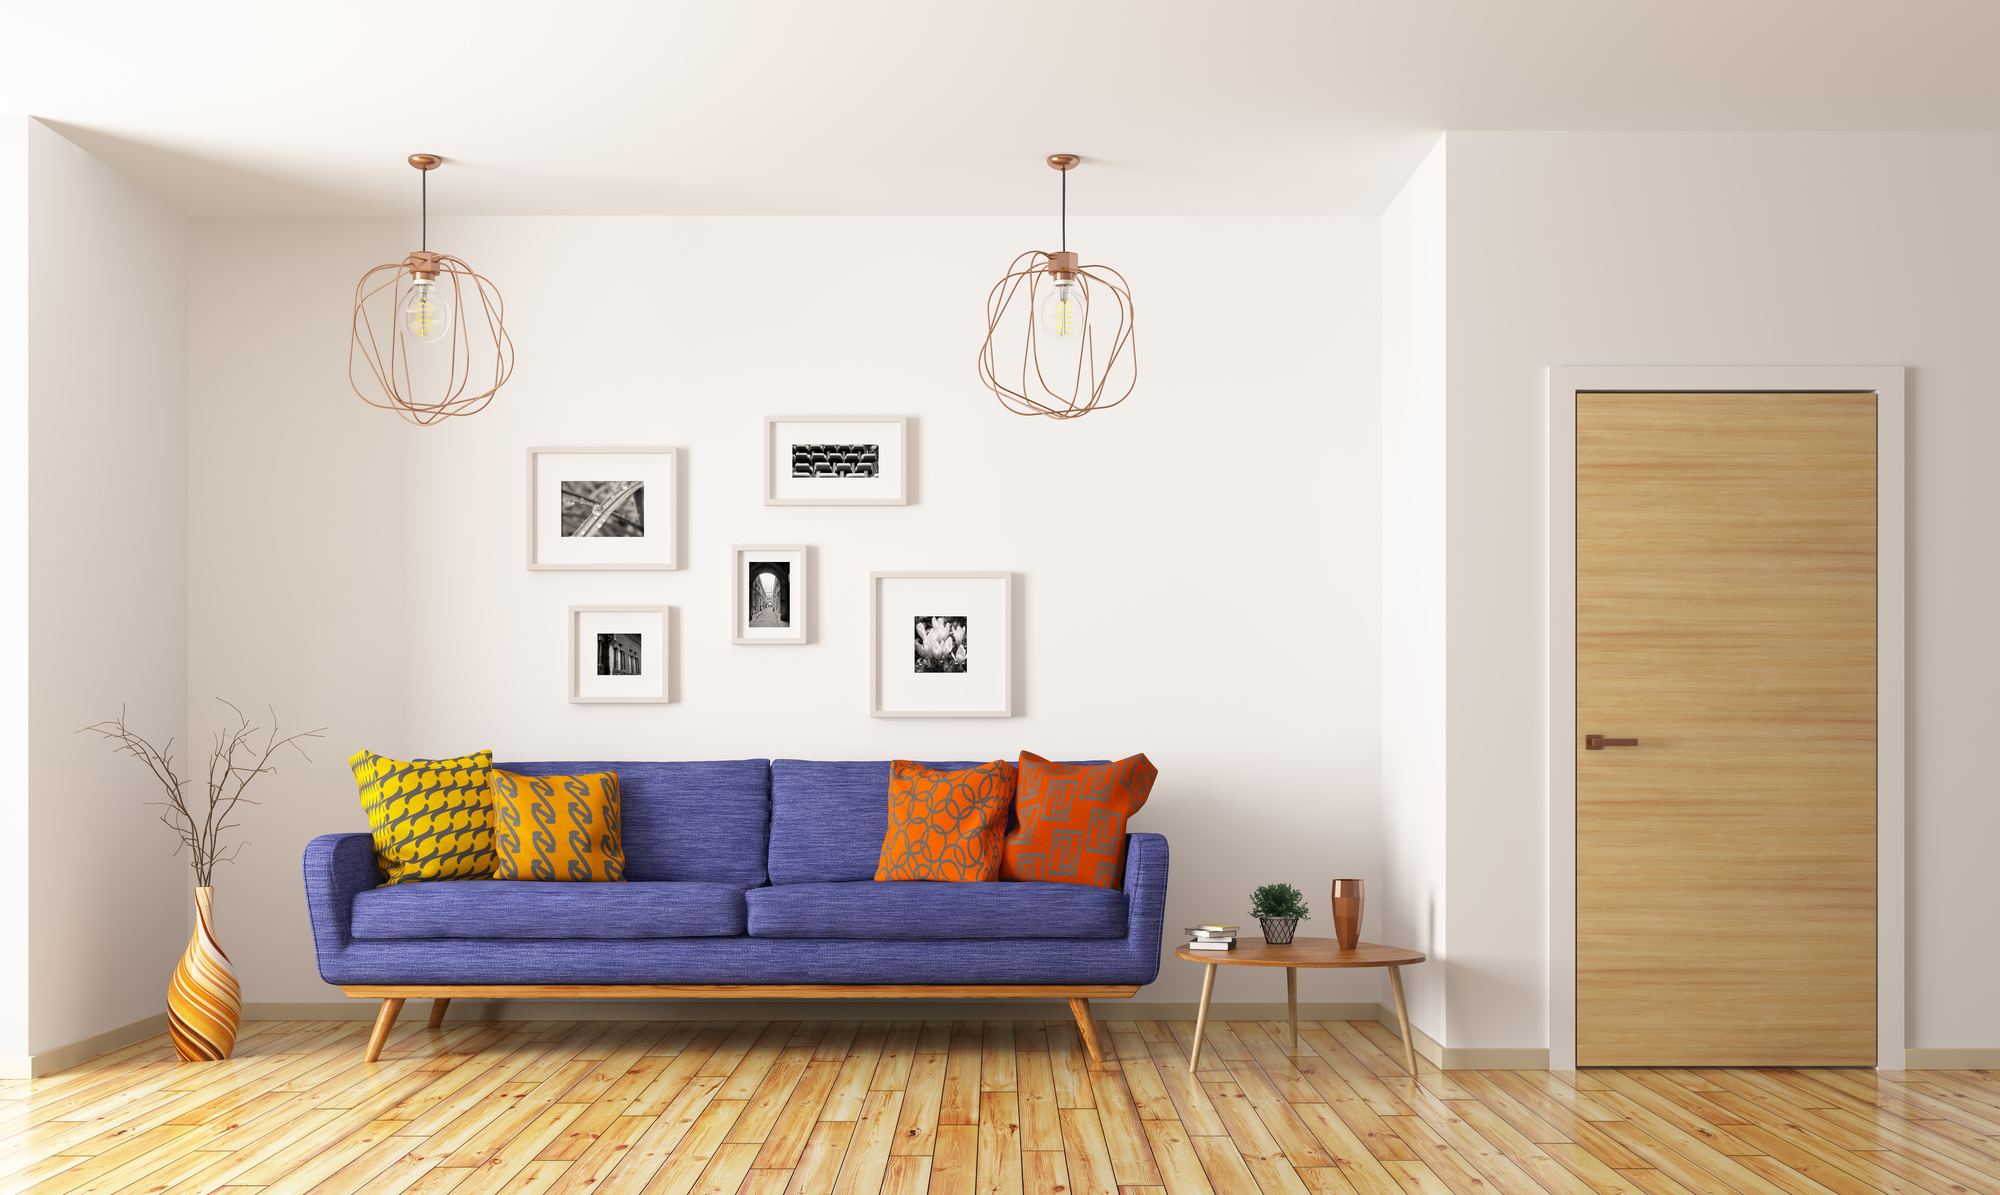 空間を有効活用できる壁面収納のアイデアまとめ